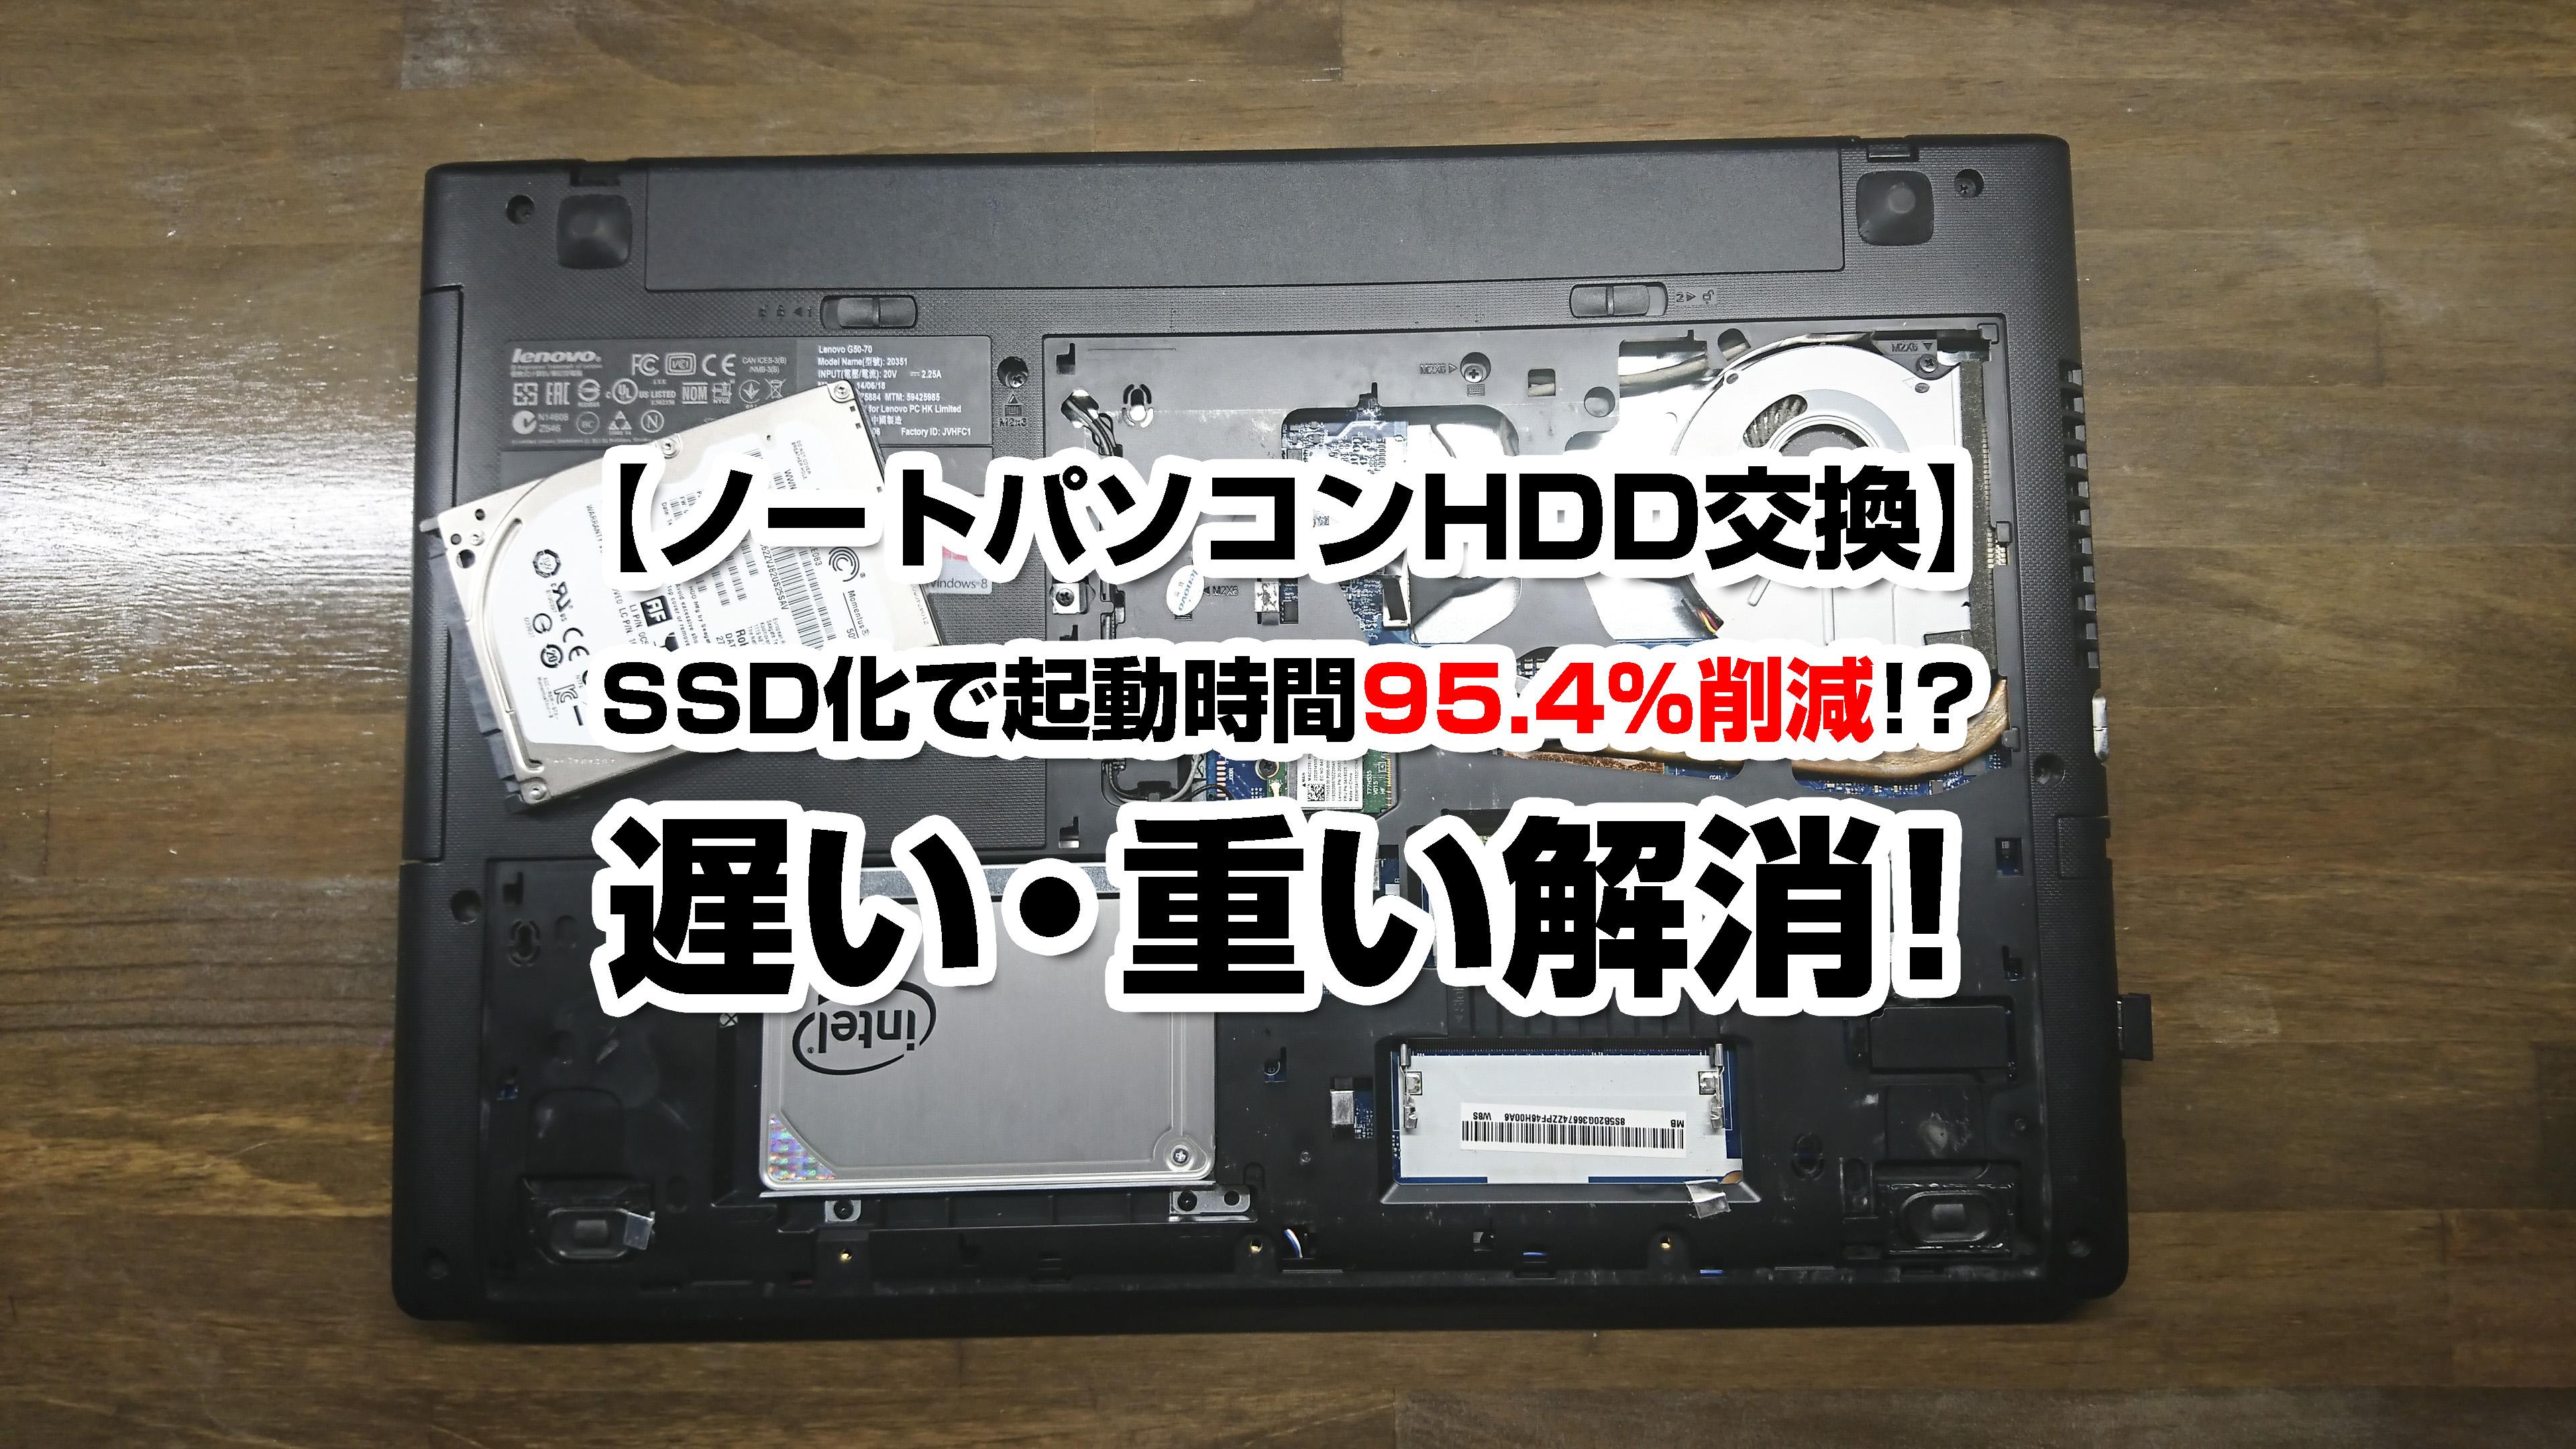 【HDD交換】SSD化で起動時間95.4%削減!遅い・重い解消!